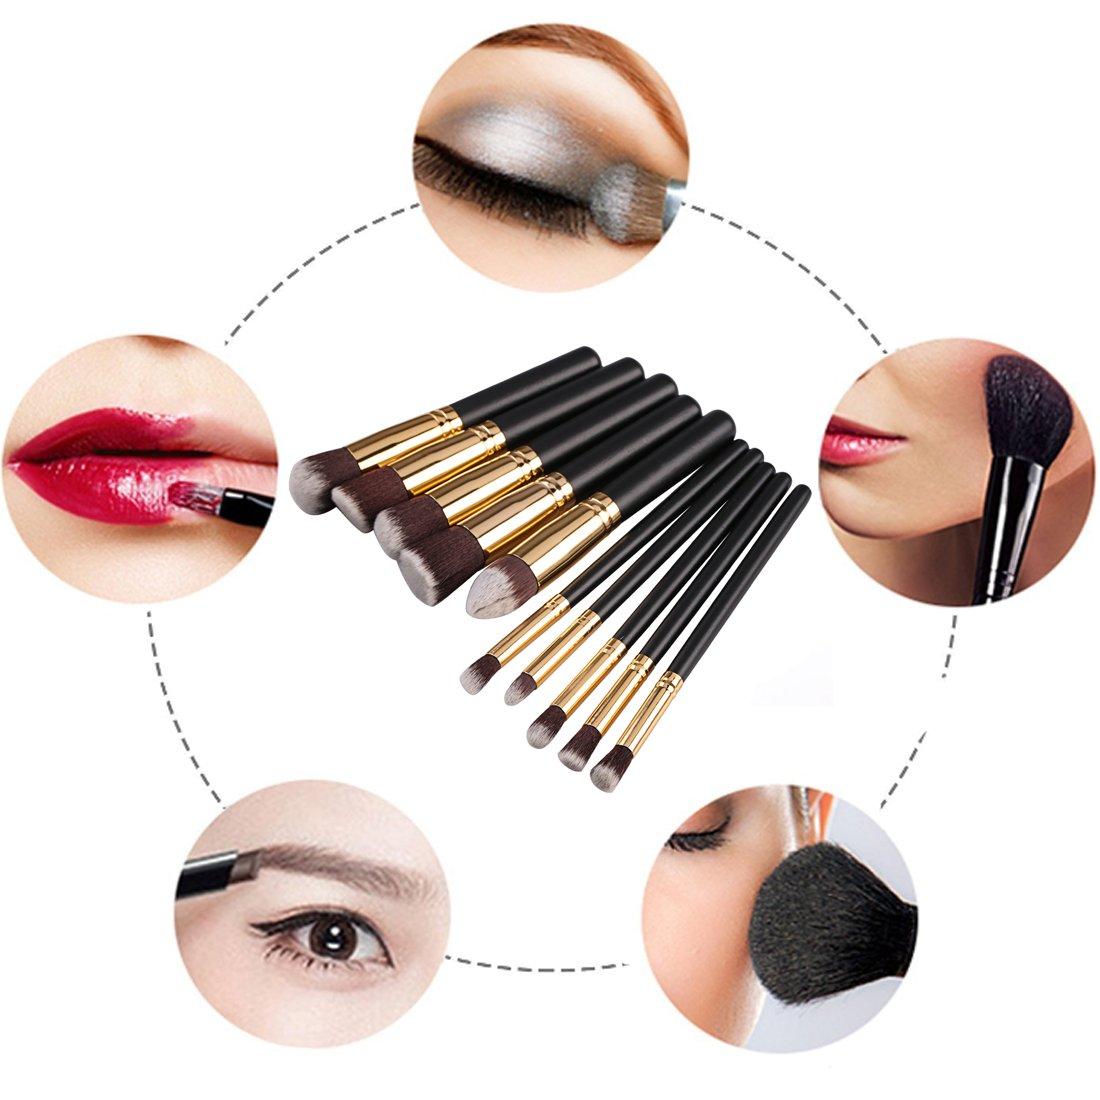 Pinceaux de maquillage, 10 pièces de brosses de maquillage cosmétiques, Brosse à Blush de 10 pièces, Pinceau aux yeux, aux lèvres, aux joues,Outils cosmétiques à Pinceau de Poutre Correcteur (Poignées Noires)